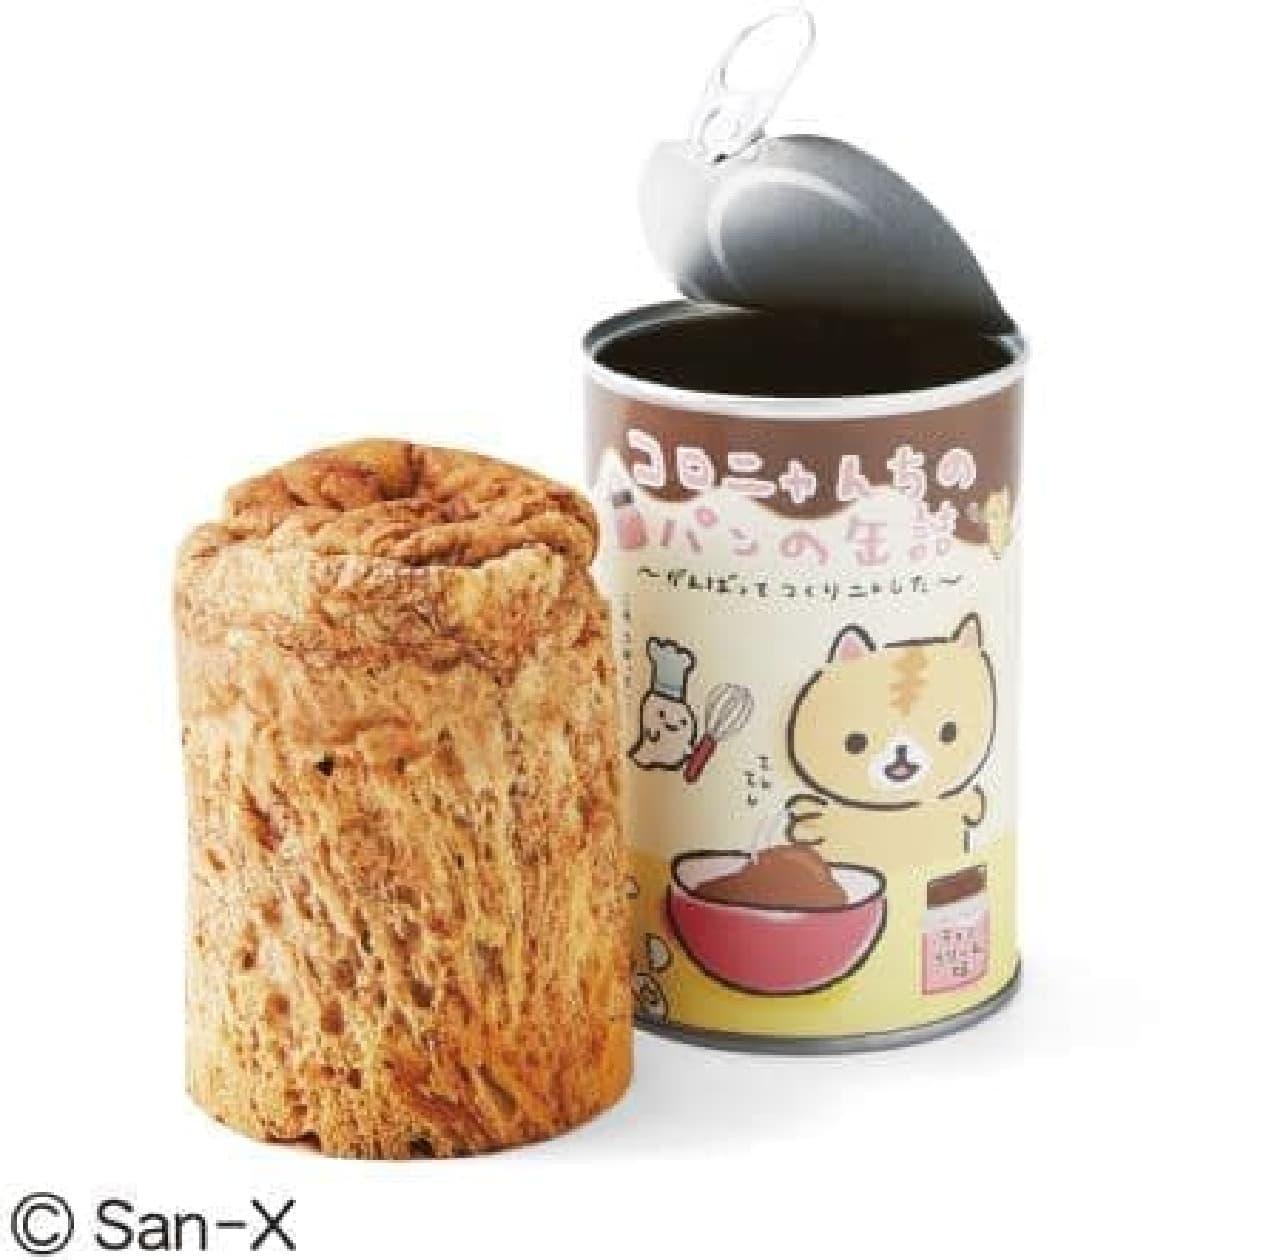 「コロニャんちのパンの缶詰の会」は、パッケージにコロニャがプリントされた常温保存可能なパンの缶詰